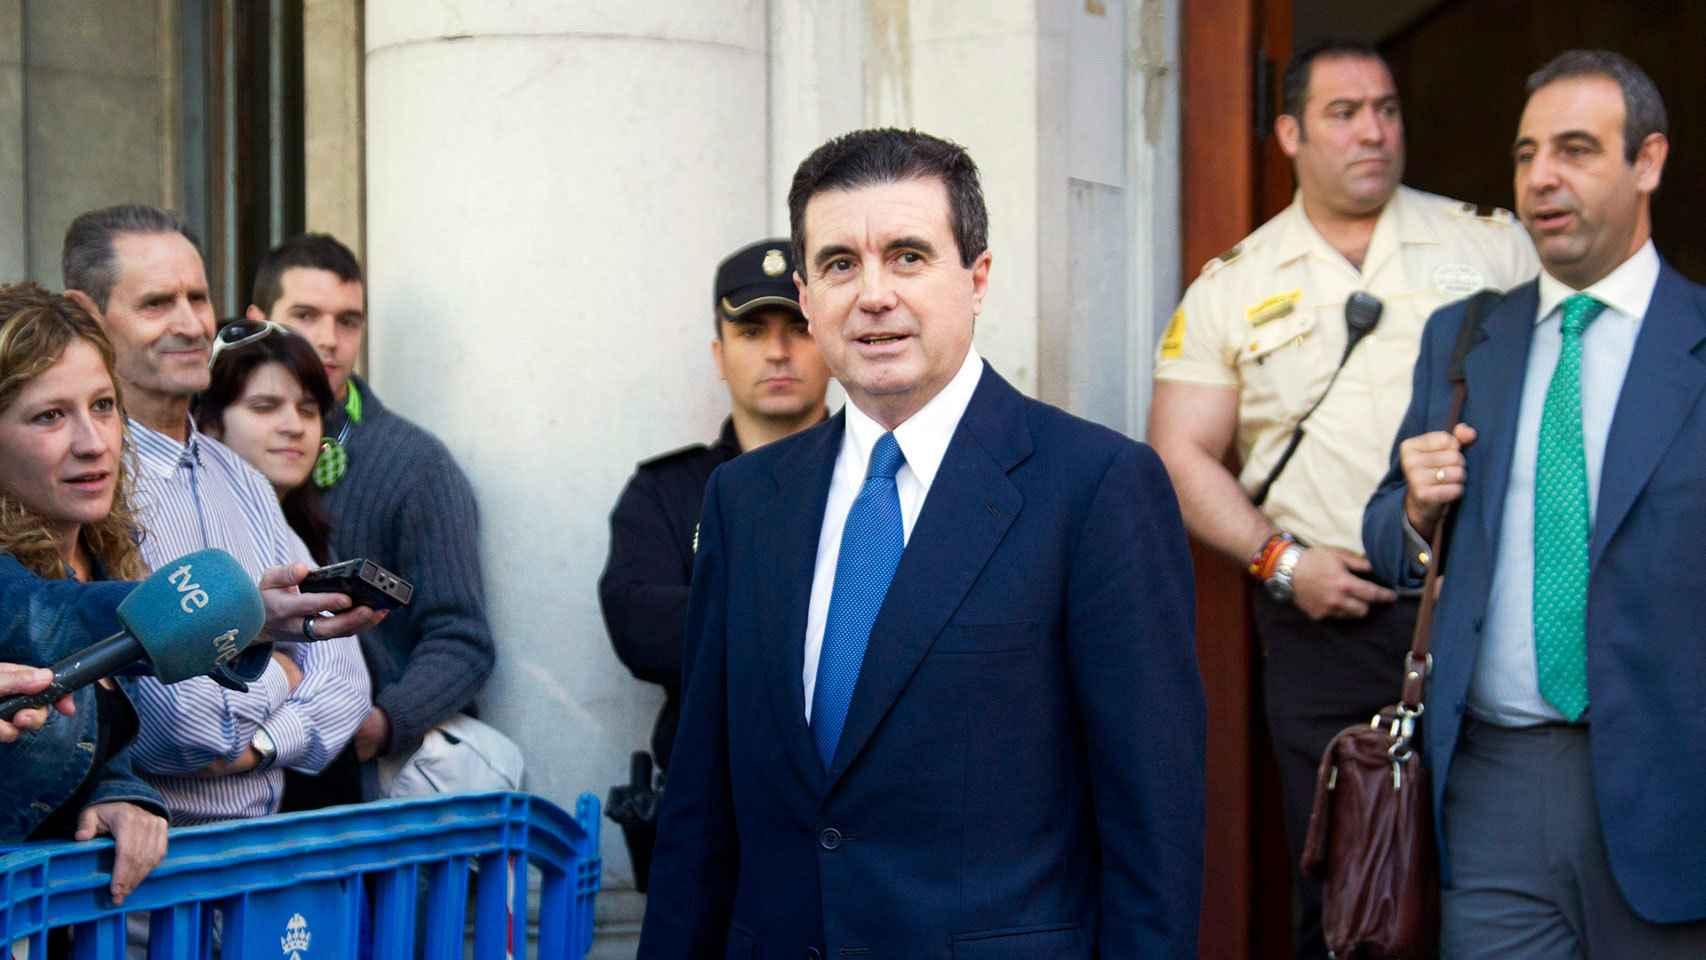 Jaume Matas durante el juicio por el caso Palma Arena en 2012.